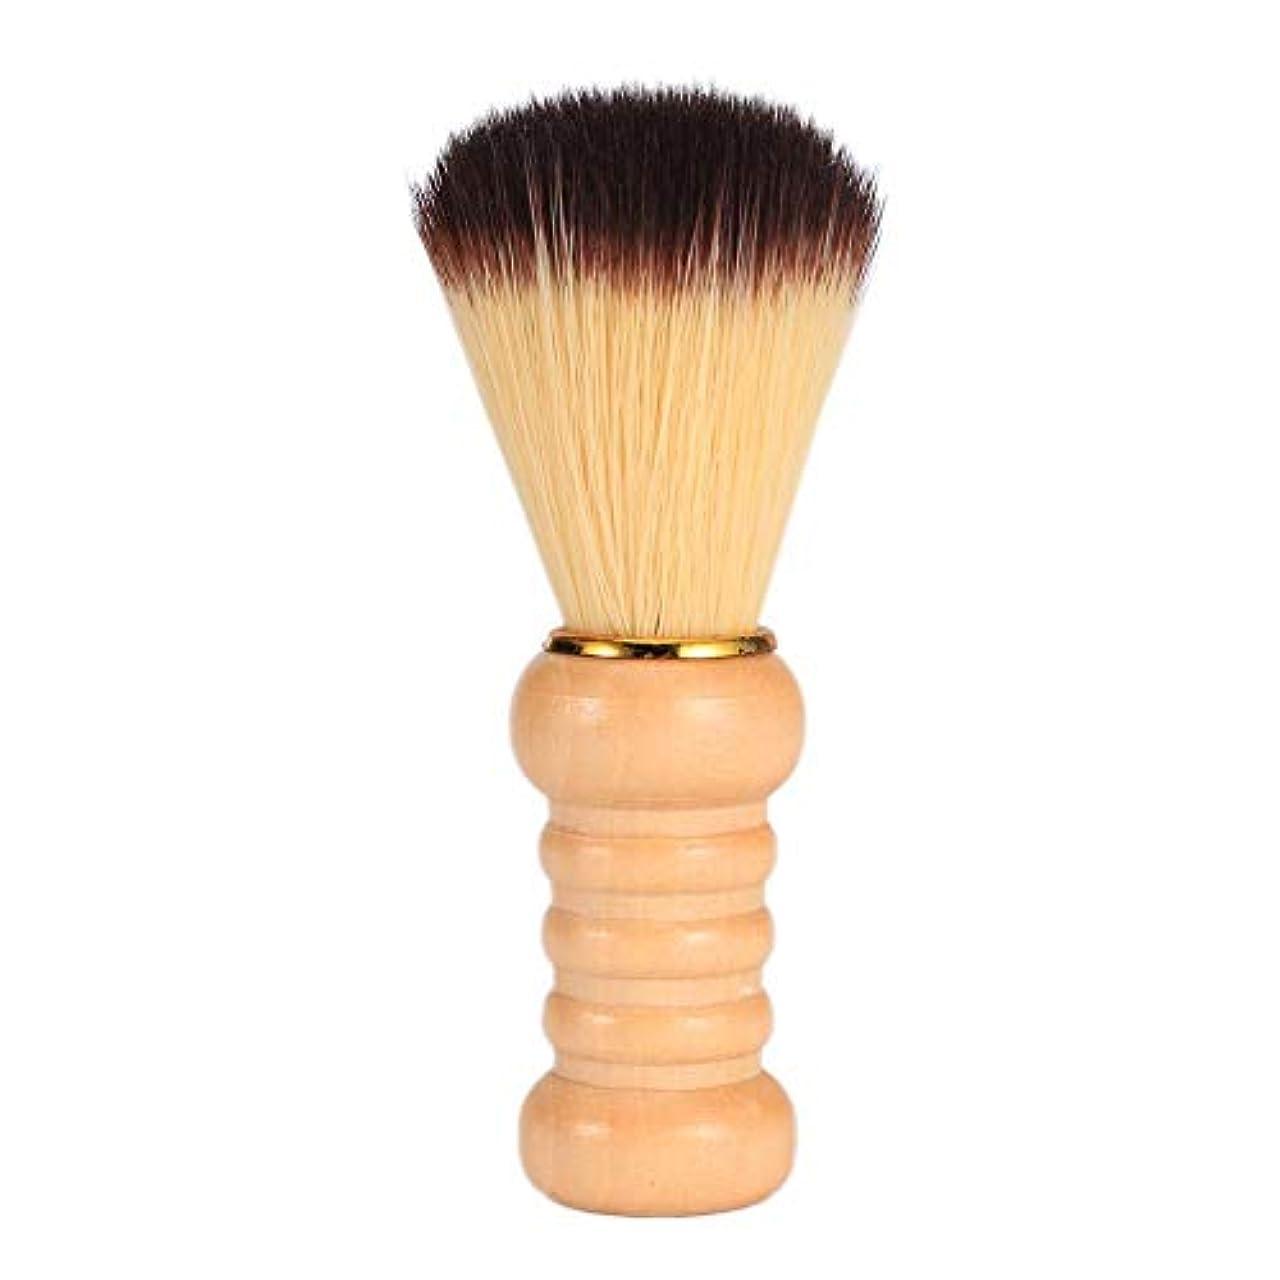 収縮自発的追放Powlancejp シェービング用ブラシ メンズ用 理容洗顔 髭剃り 泡立ち サロン道具